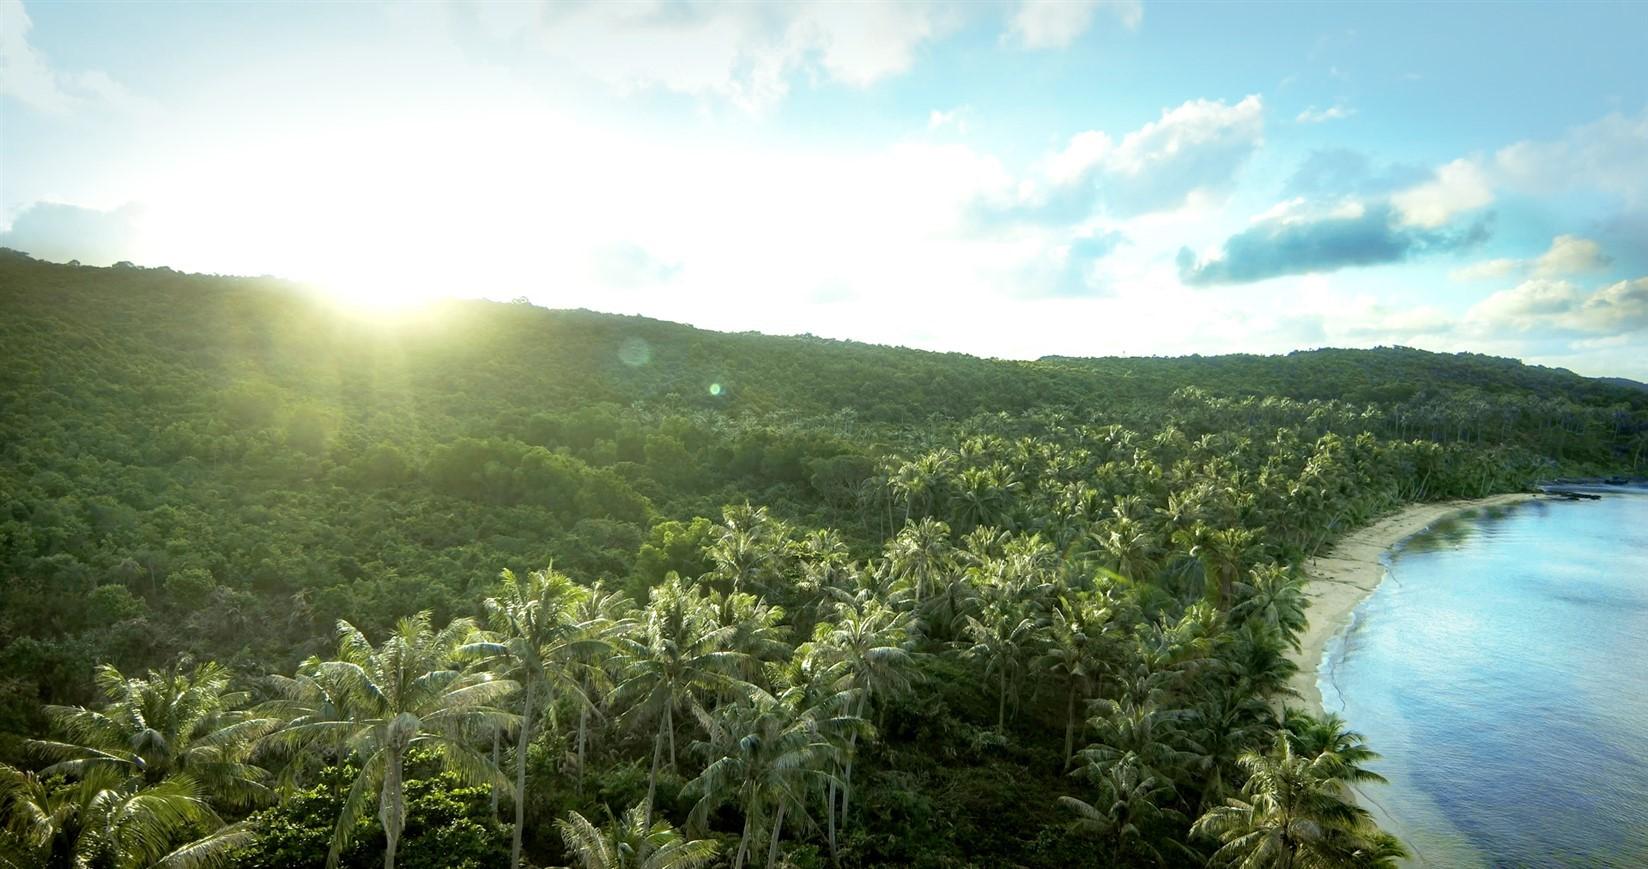 Phong cách nghỉ dưỡng nhiệt đới có nhiều tiềm năng phát triển ở đảo nhiệt đới Phú Quốc. Ảnh: Khang Vinh.